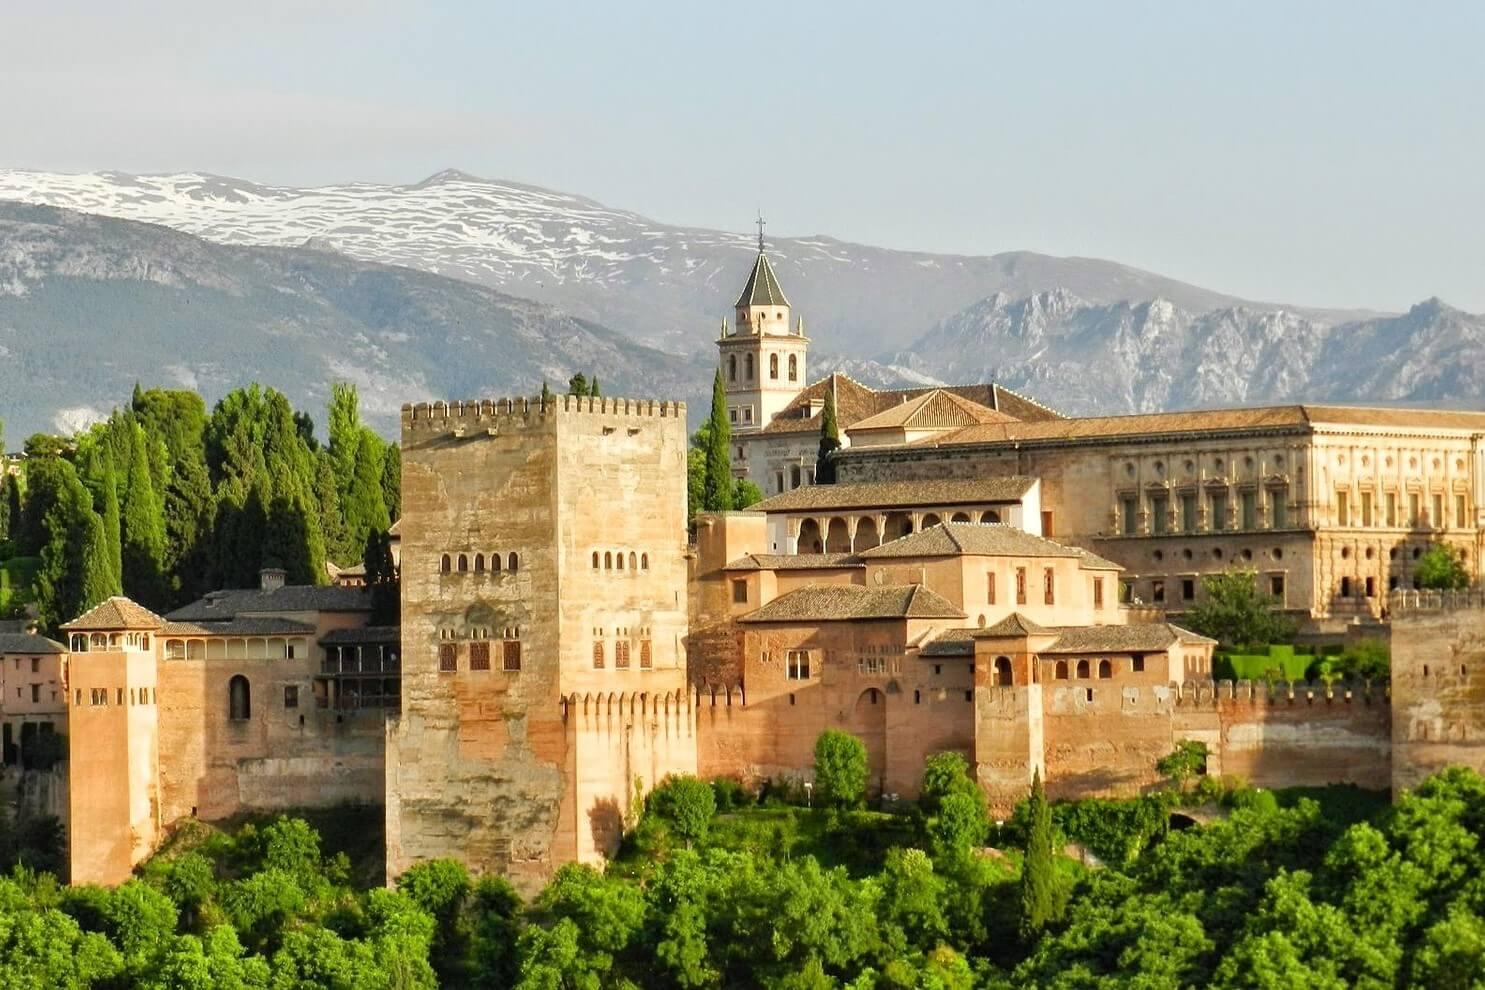 アンダルシア グラナダ アルハンブラ宮殿